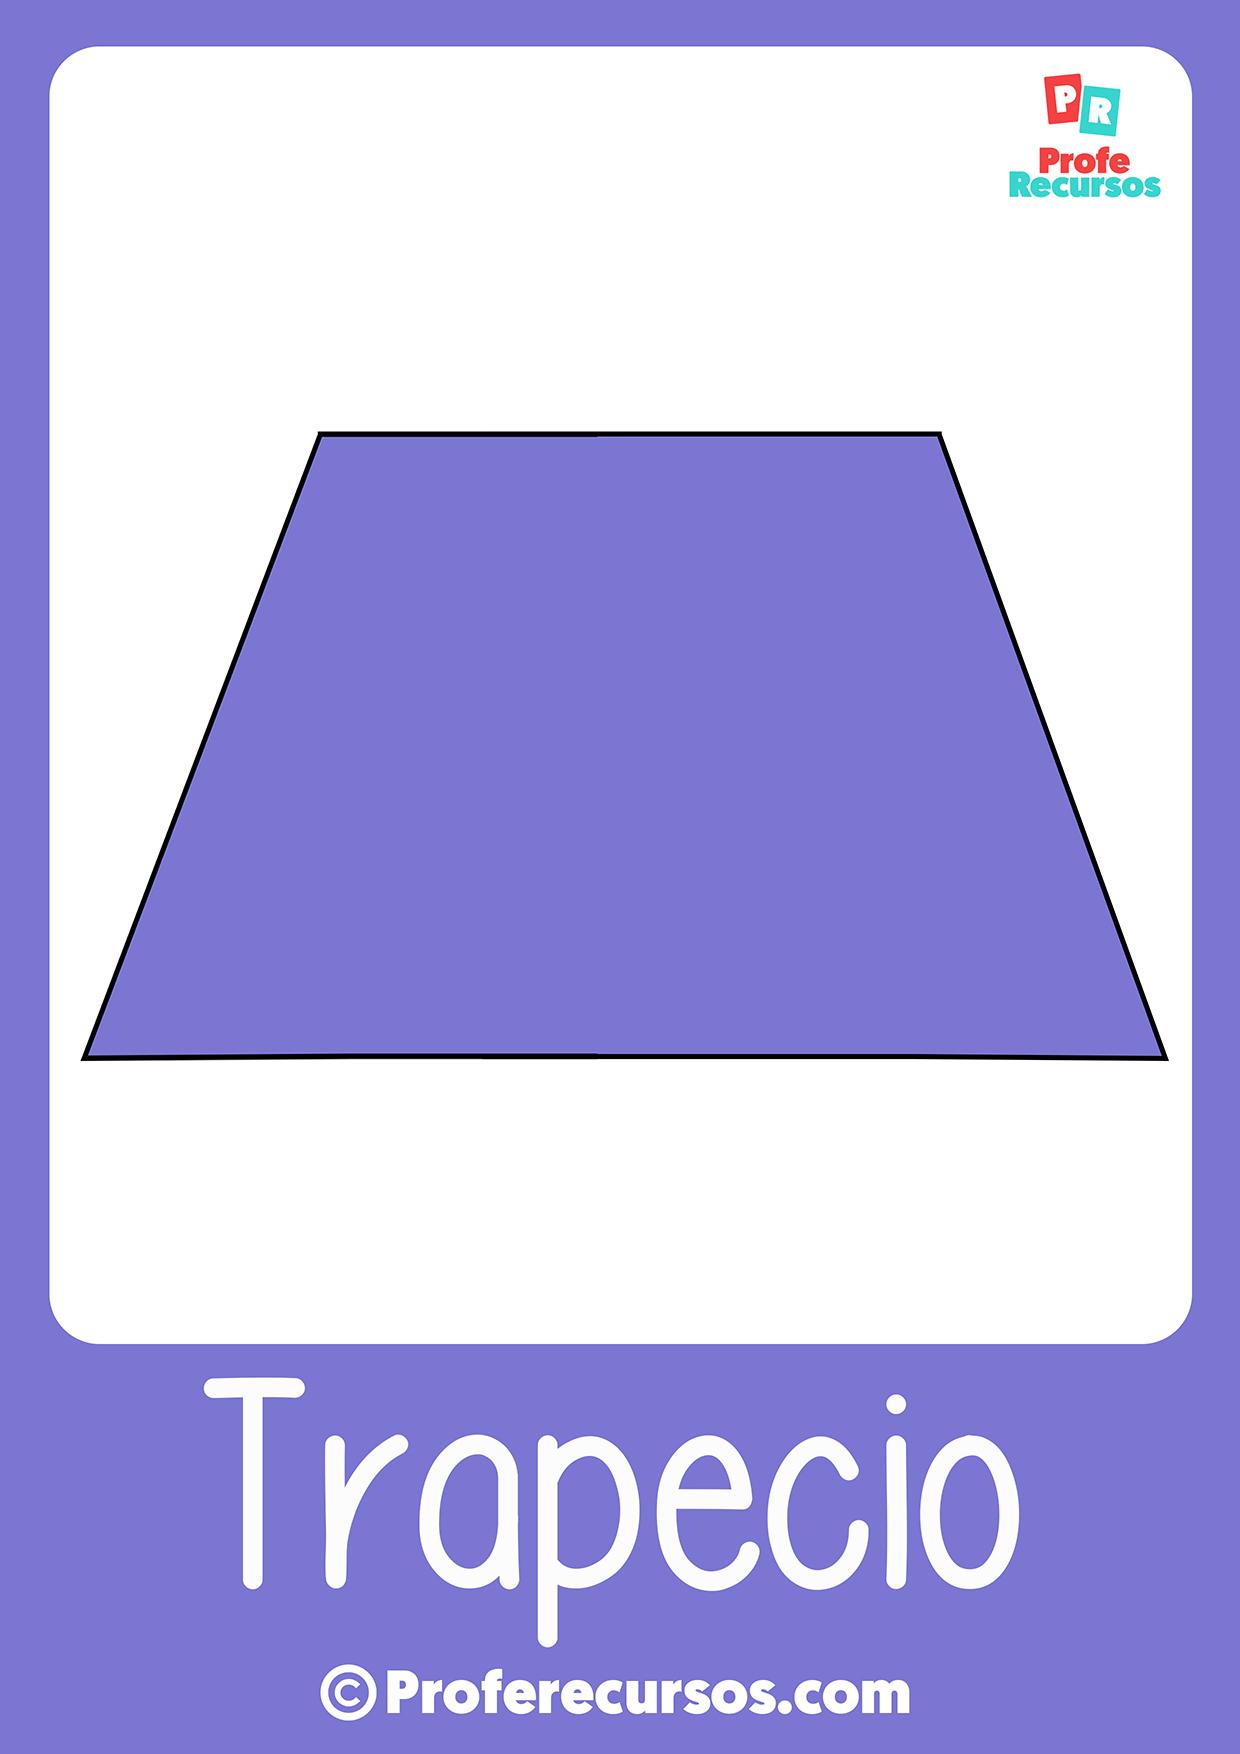 Figura trapecio